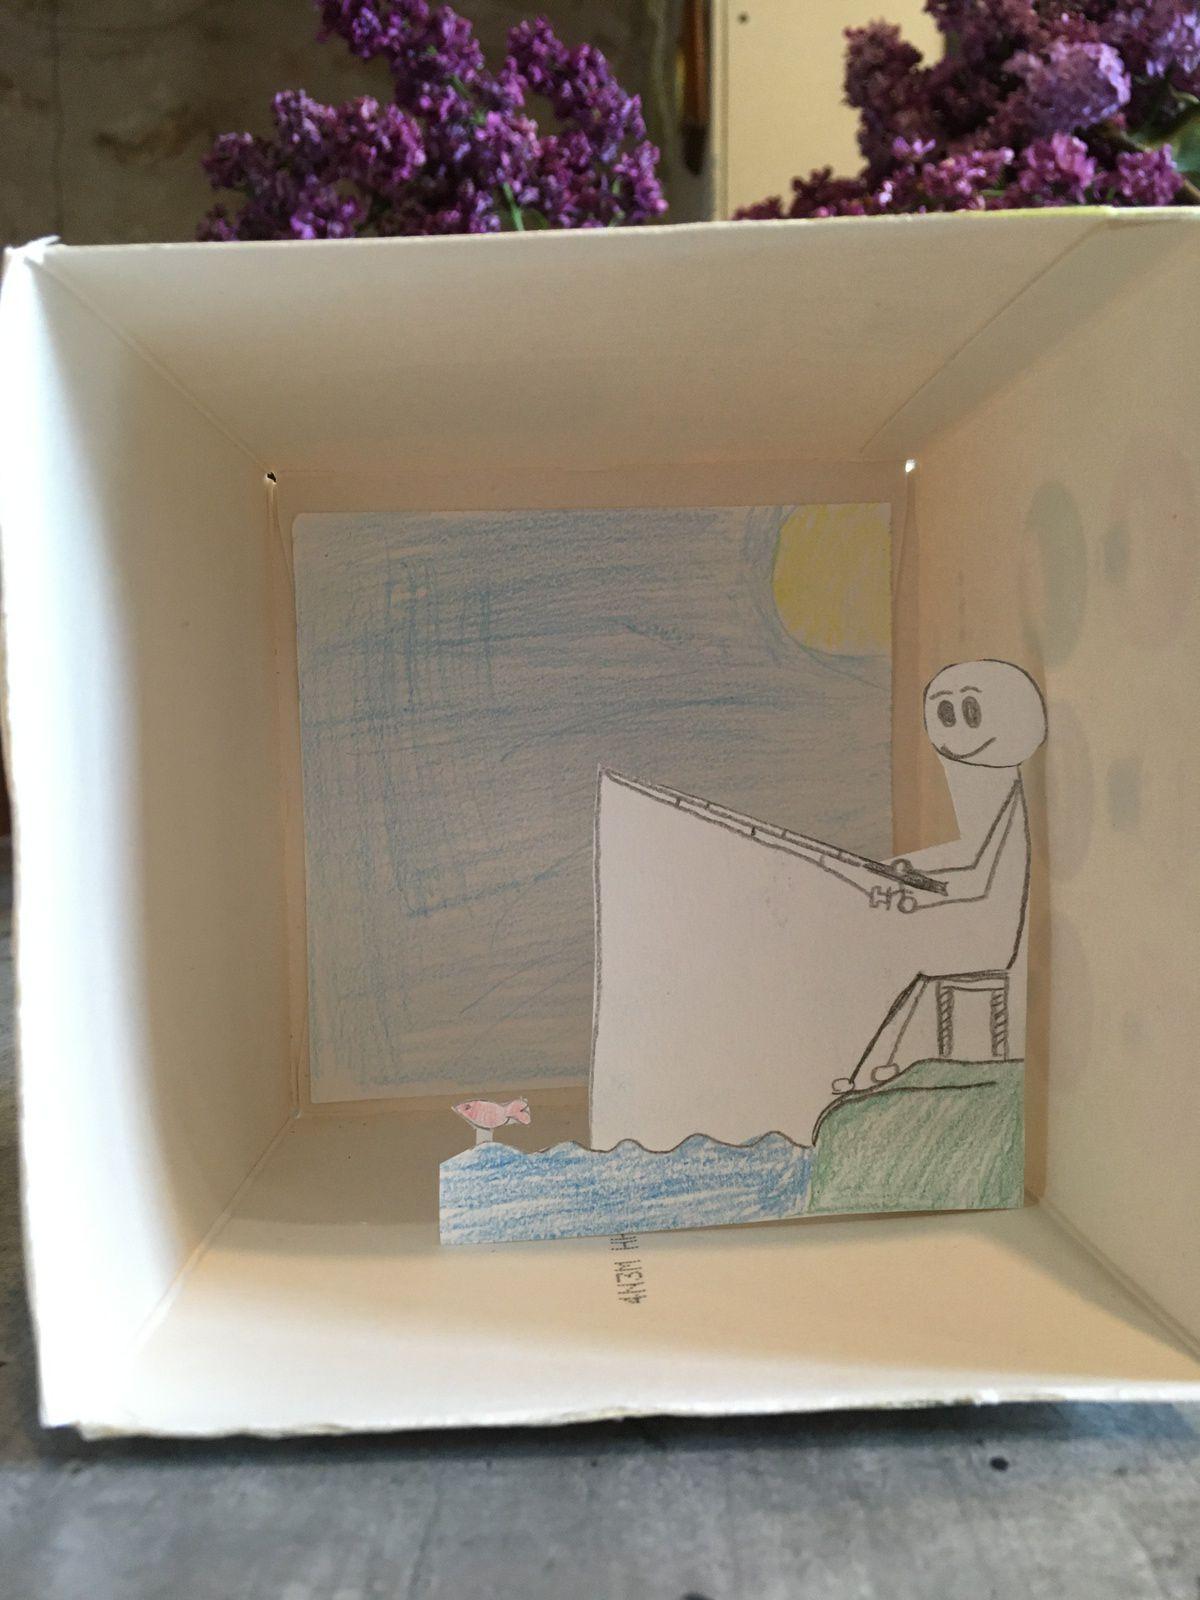 Mon rêve dans une boîte !